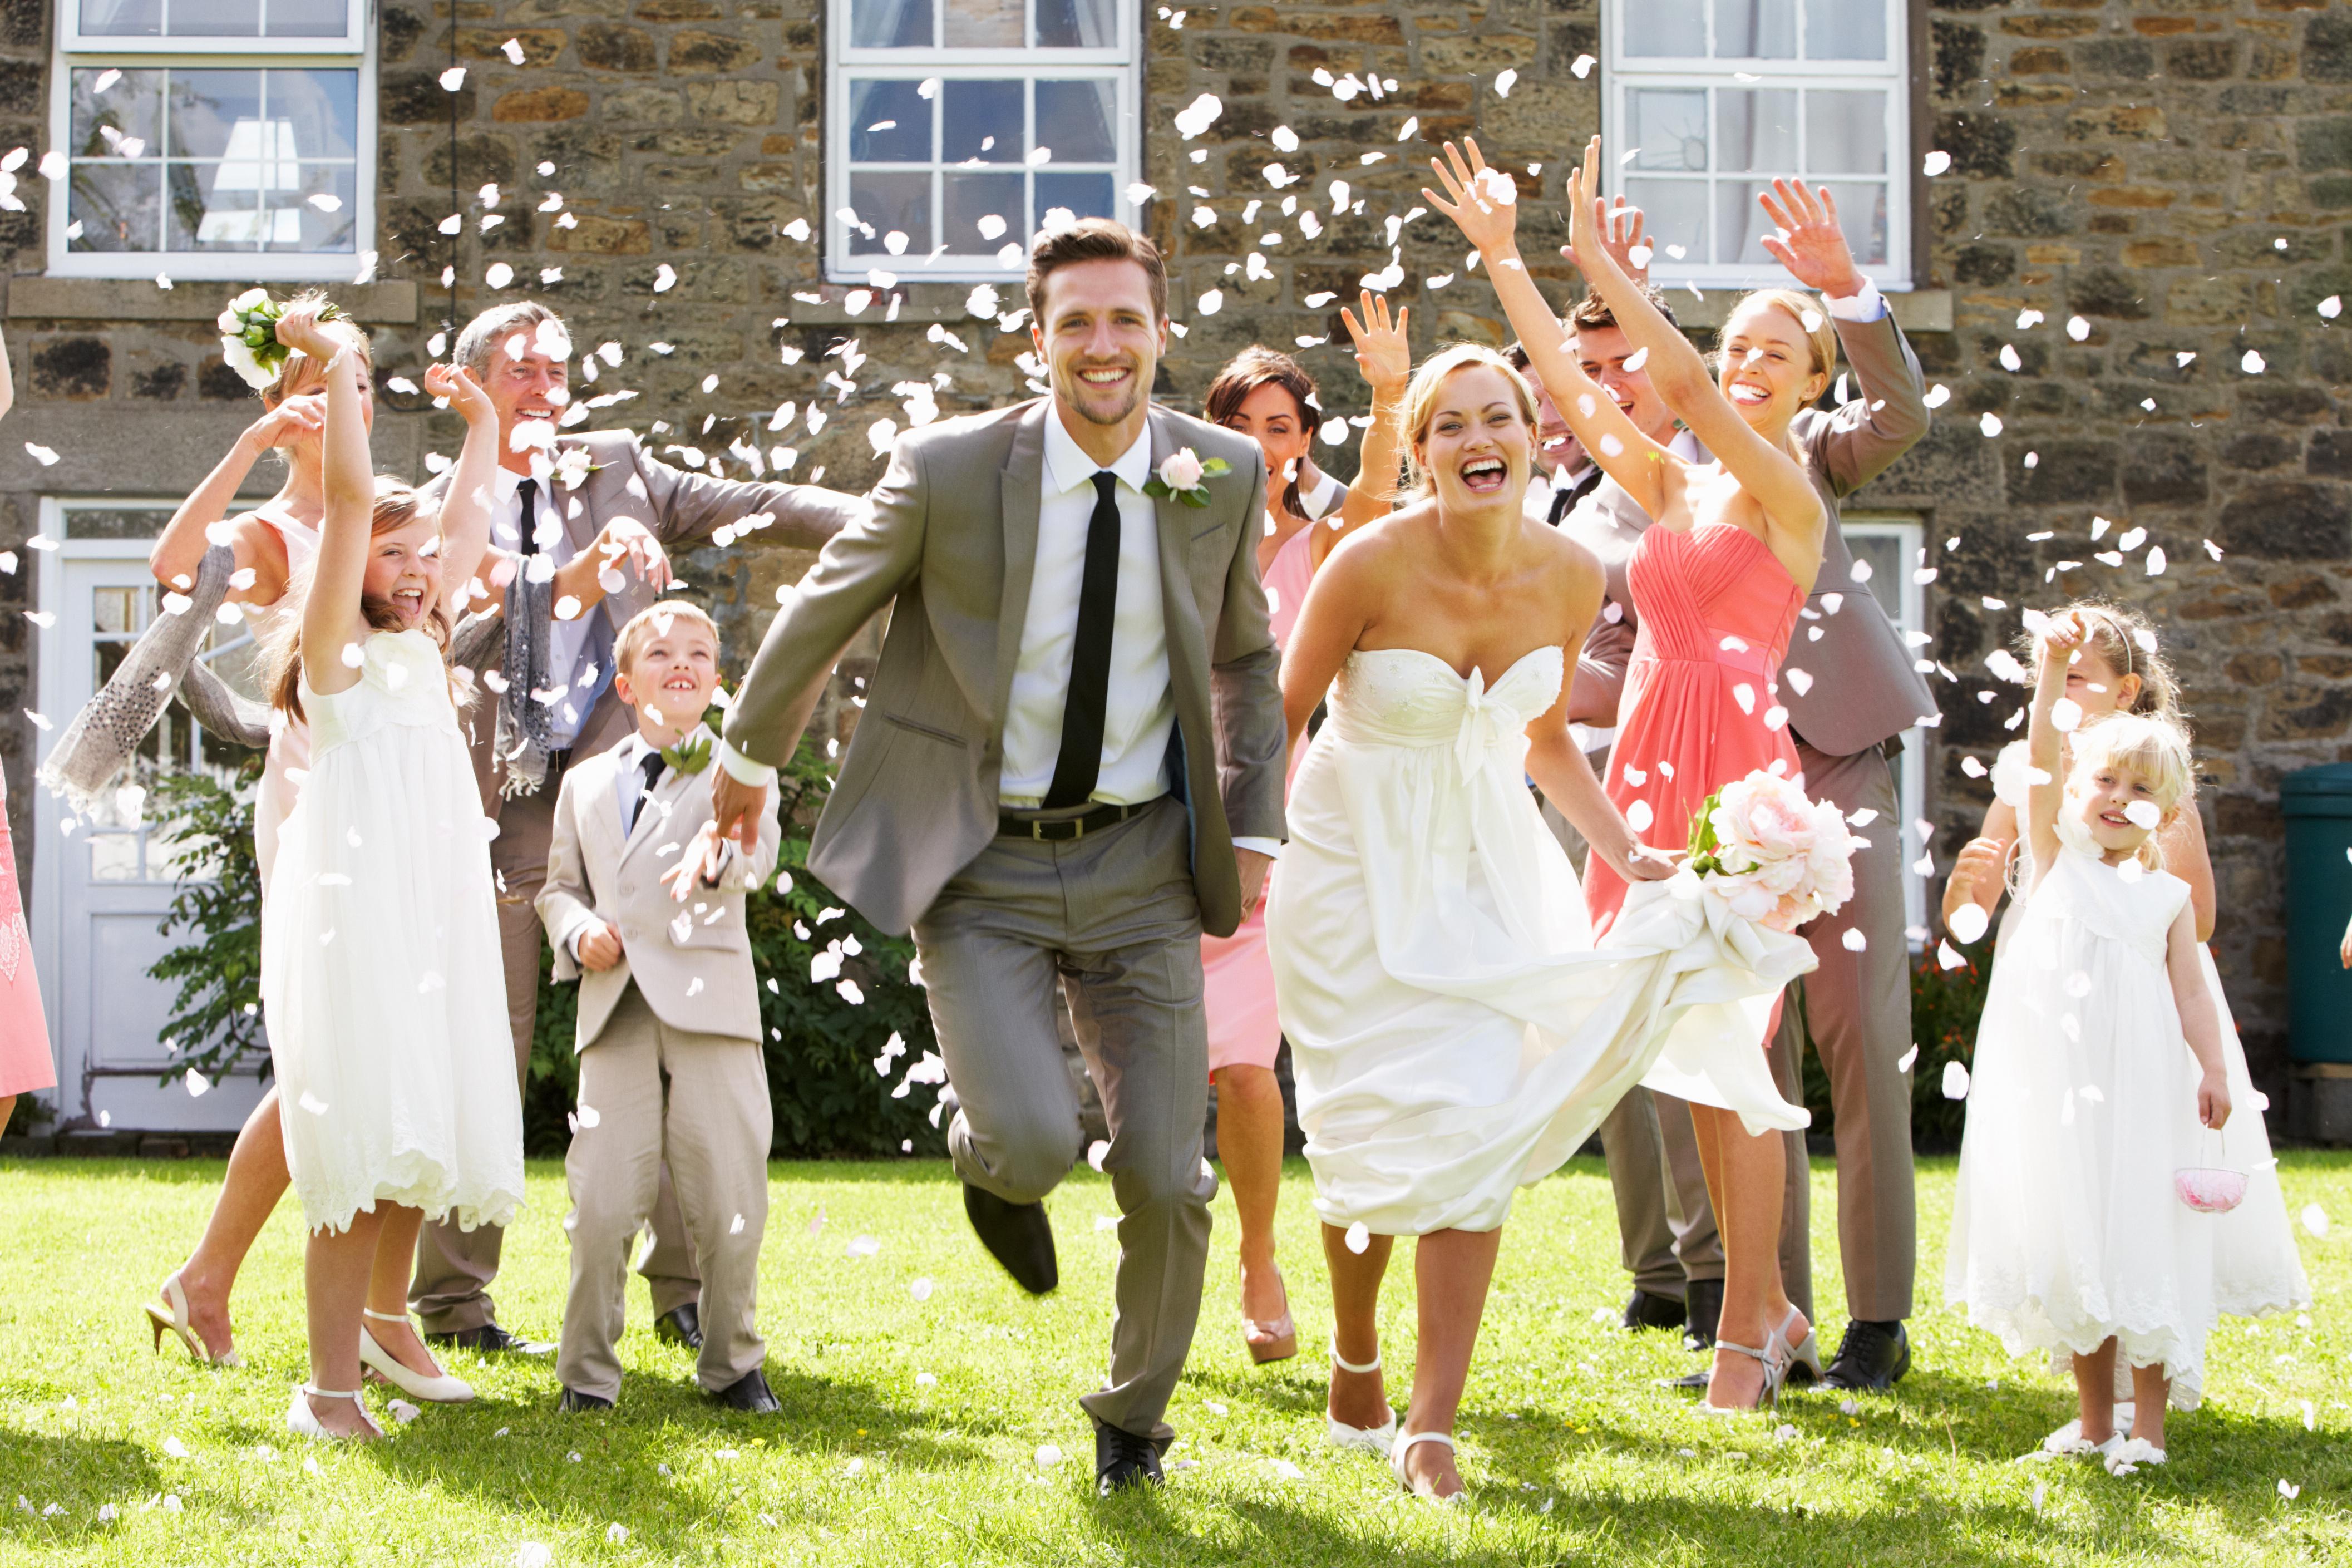 Gäste bewerfen Brautpaar mit Konfetti auf Hochzeitsfeier